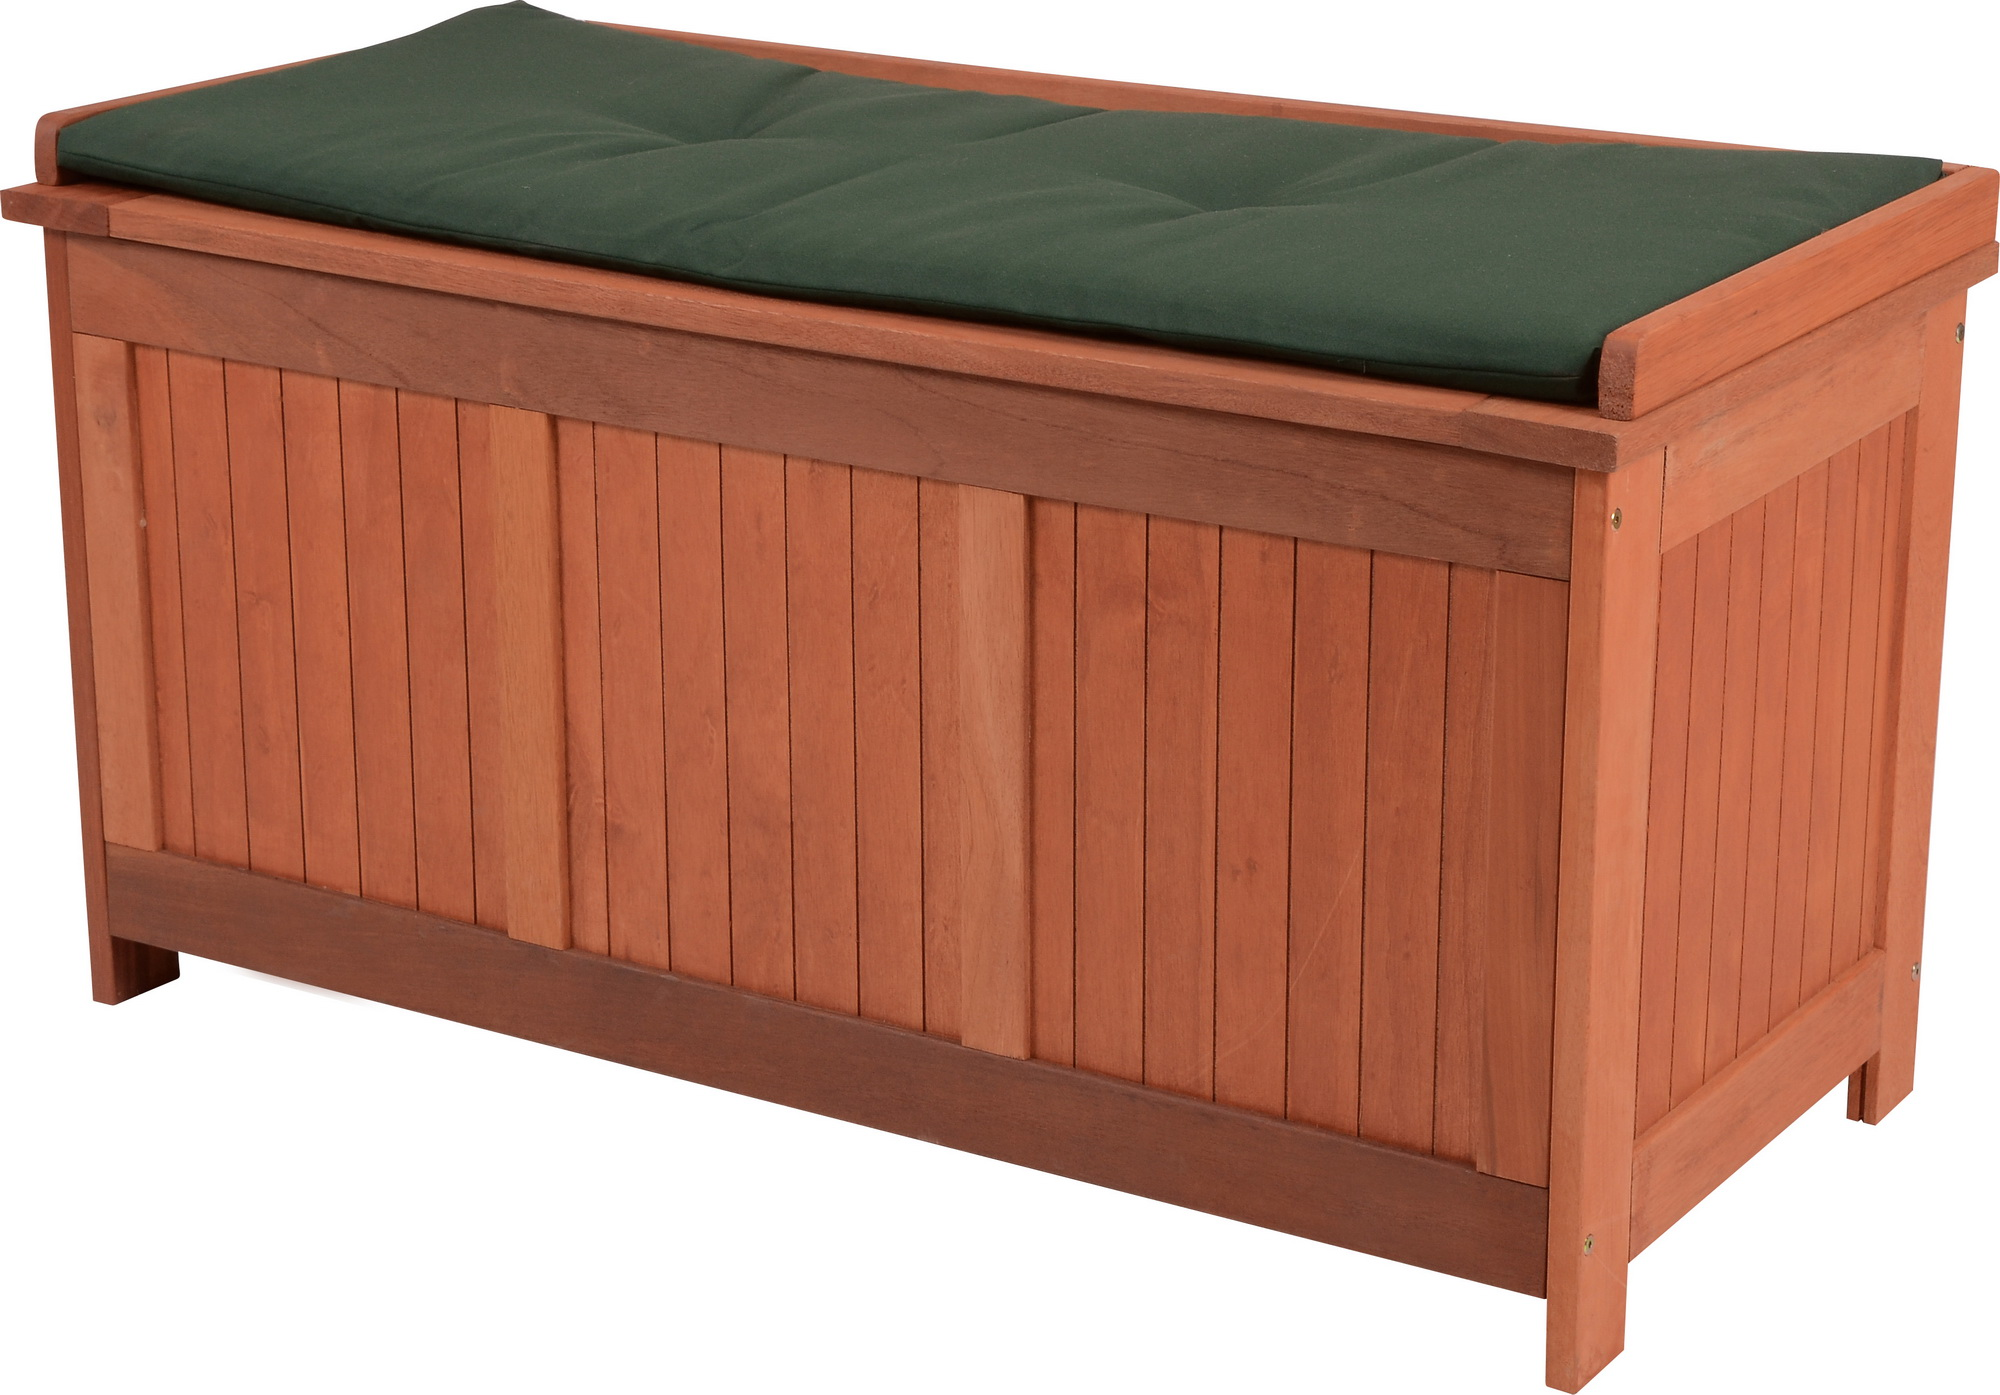 Zahradní lavička - Hecht - Toybox (meranti)